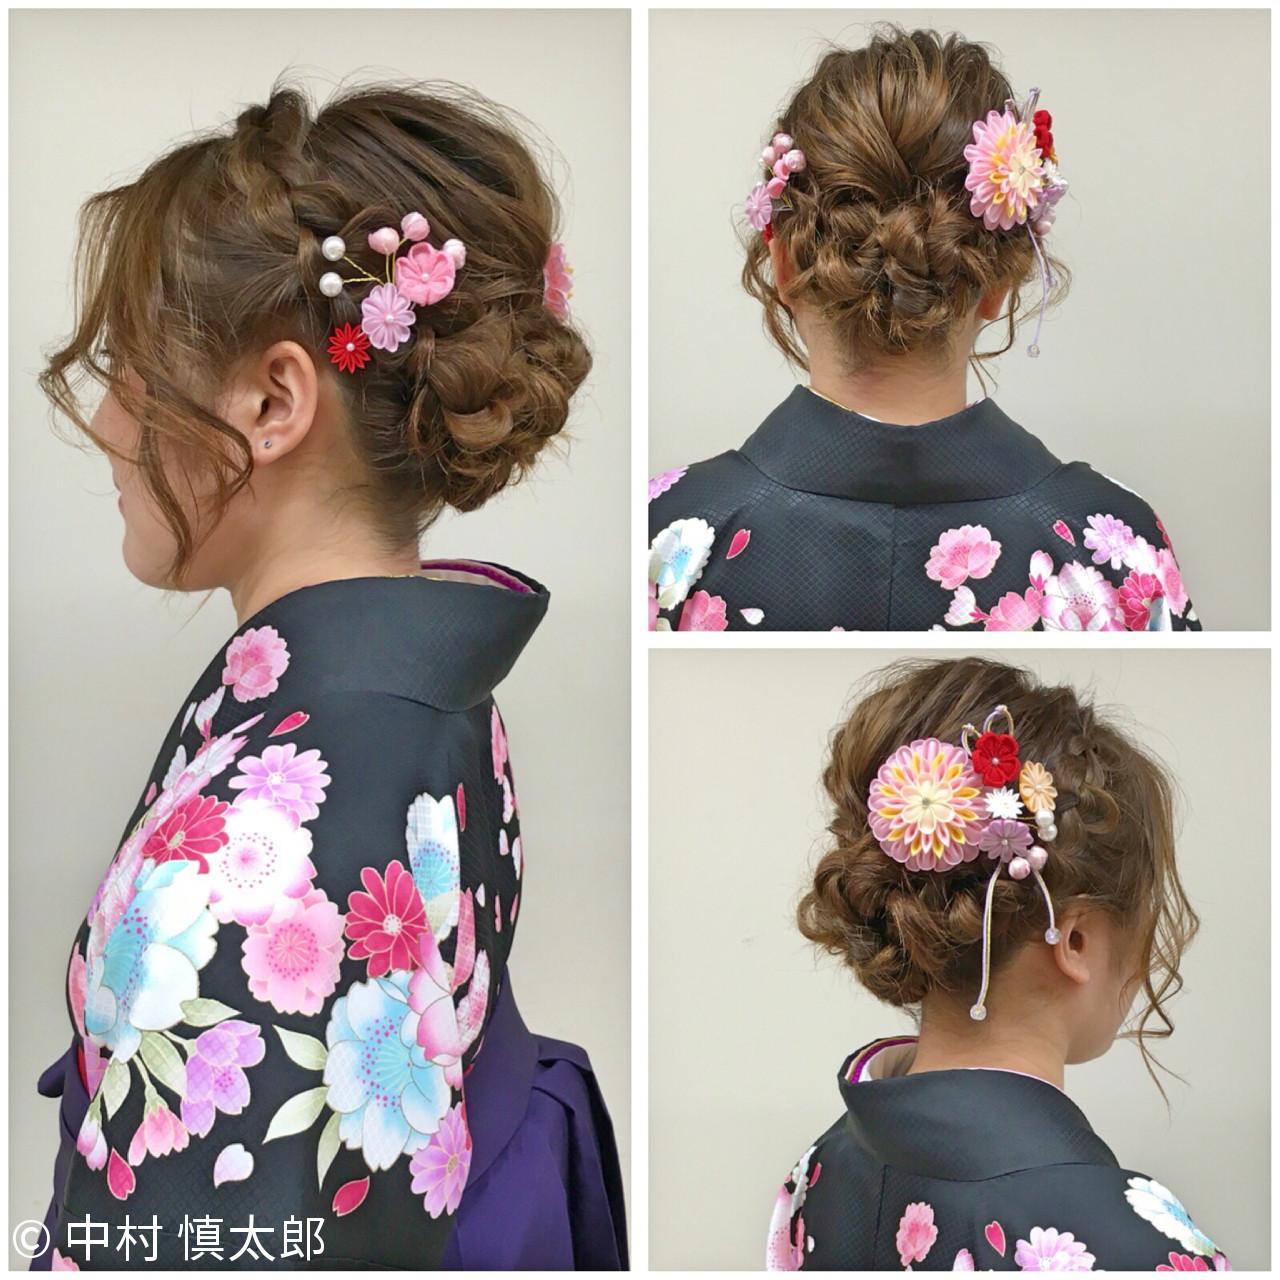 袴 ヘアアレンジ セミロング 謝恩会 ヘアスタイルや髪型の写真・画像